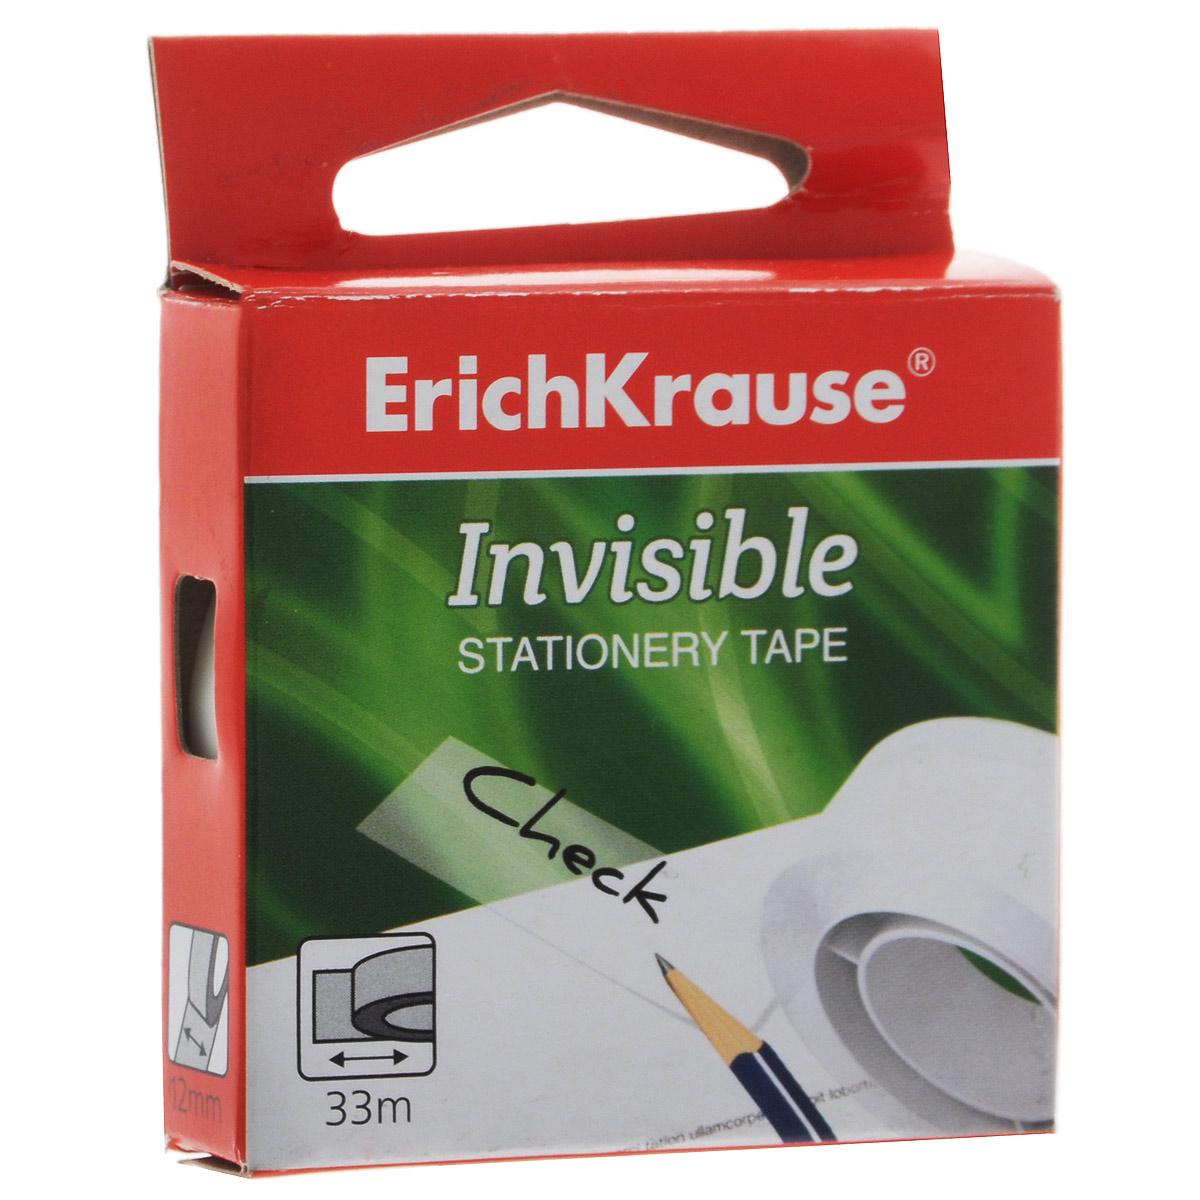 Клейкая лента Erich Krause Invisible, цвет: белый36924Клейкая лента Erich Crause Invisible - универсальный помощник в доме и офисе. Лента предназначена для склеивания документов, упаковки, картона, имеет сильный клеящий состав. Матовая поверхность позволяет писать на ней.Ширина ленты: 12 мм.